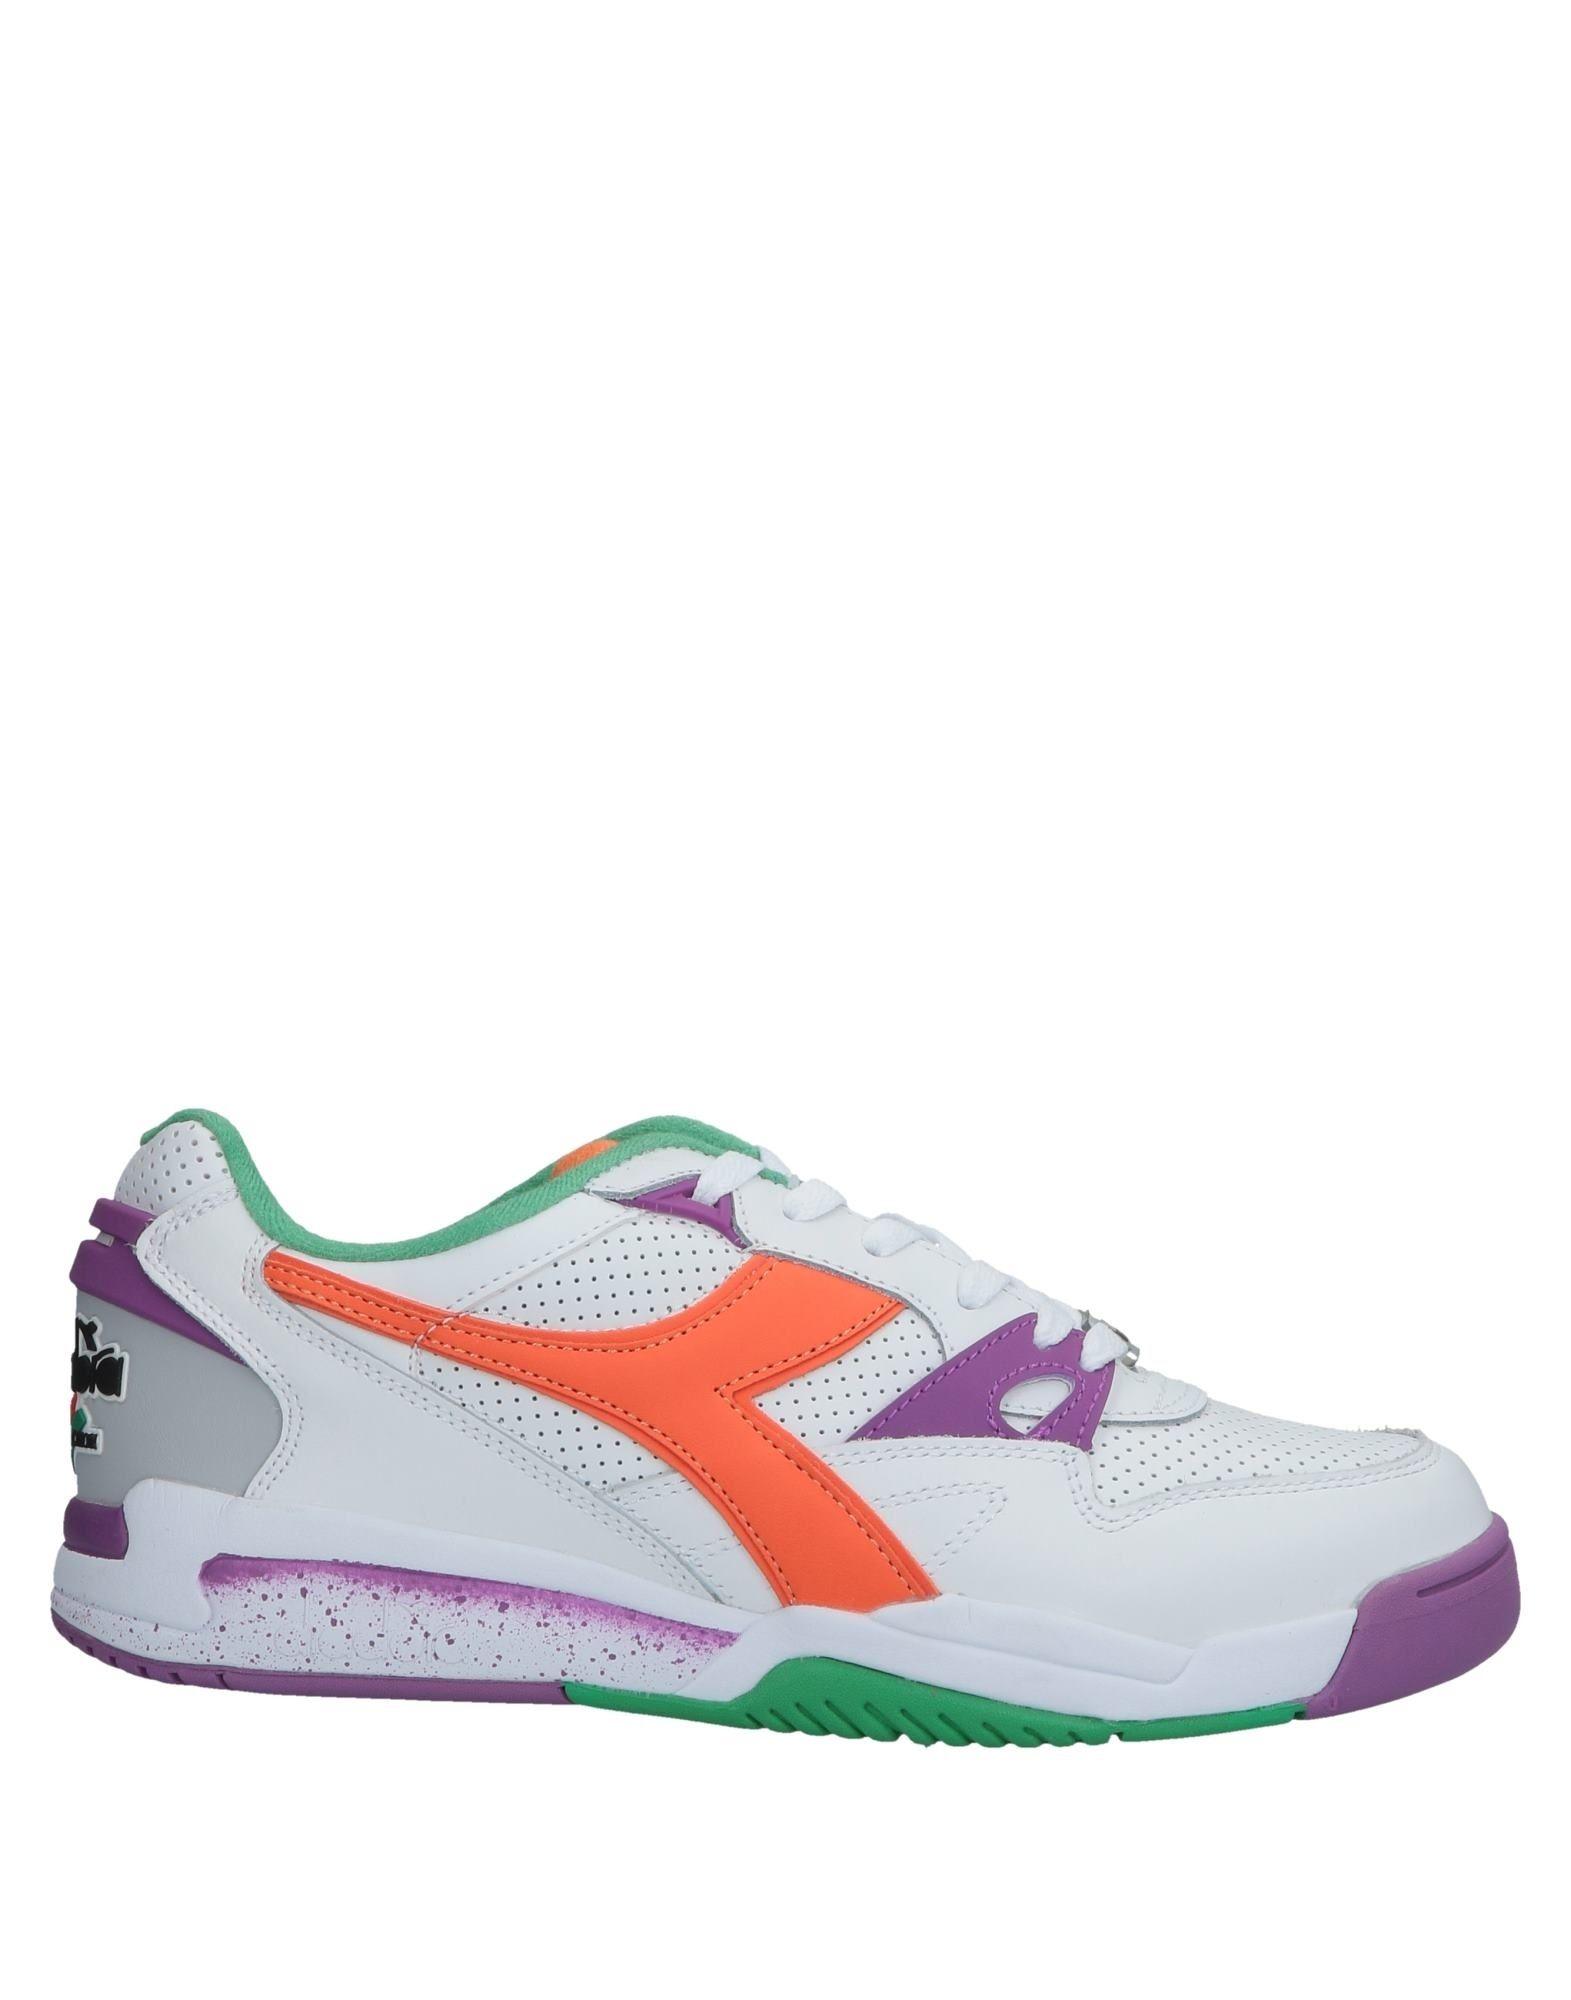 Zapatillas Diadora Hombre - - Hombre Zapatillas Diadora  Blanco cce67d